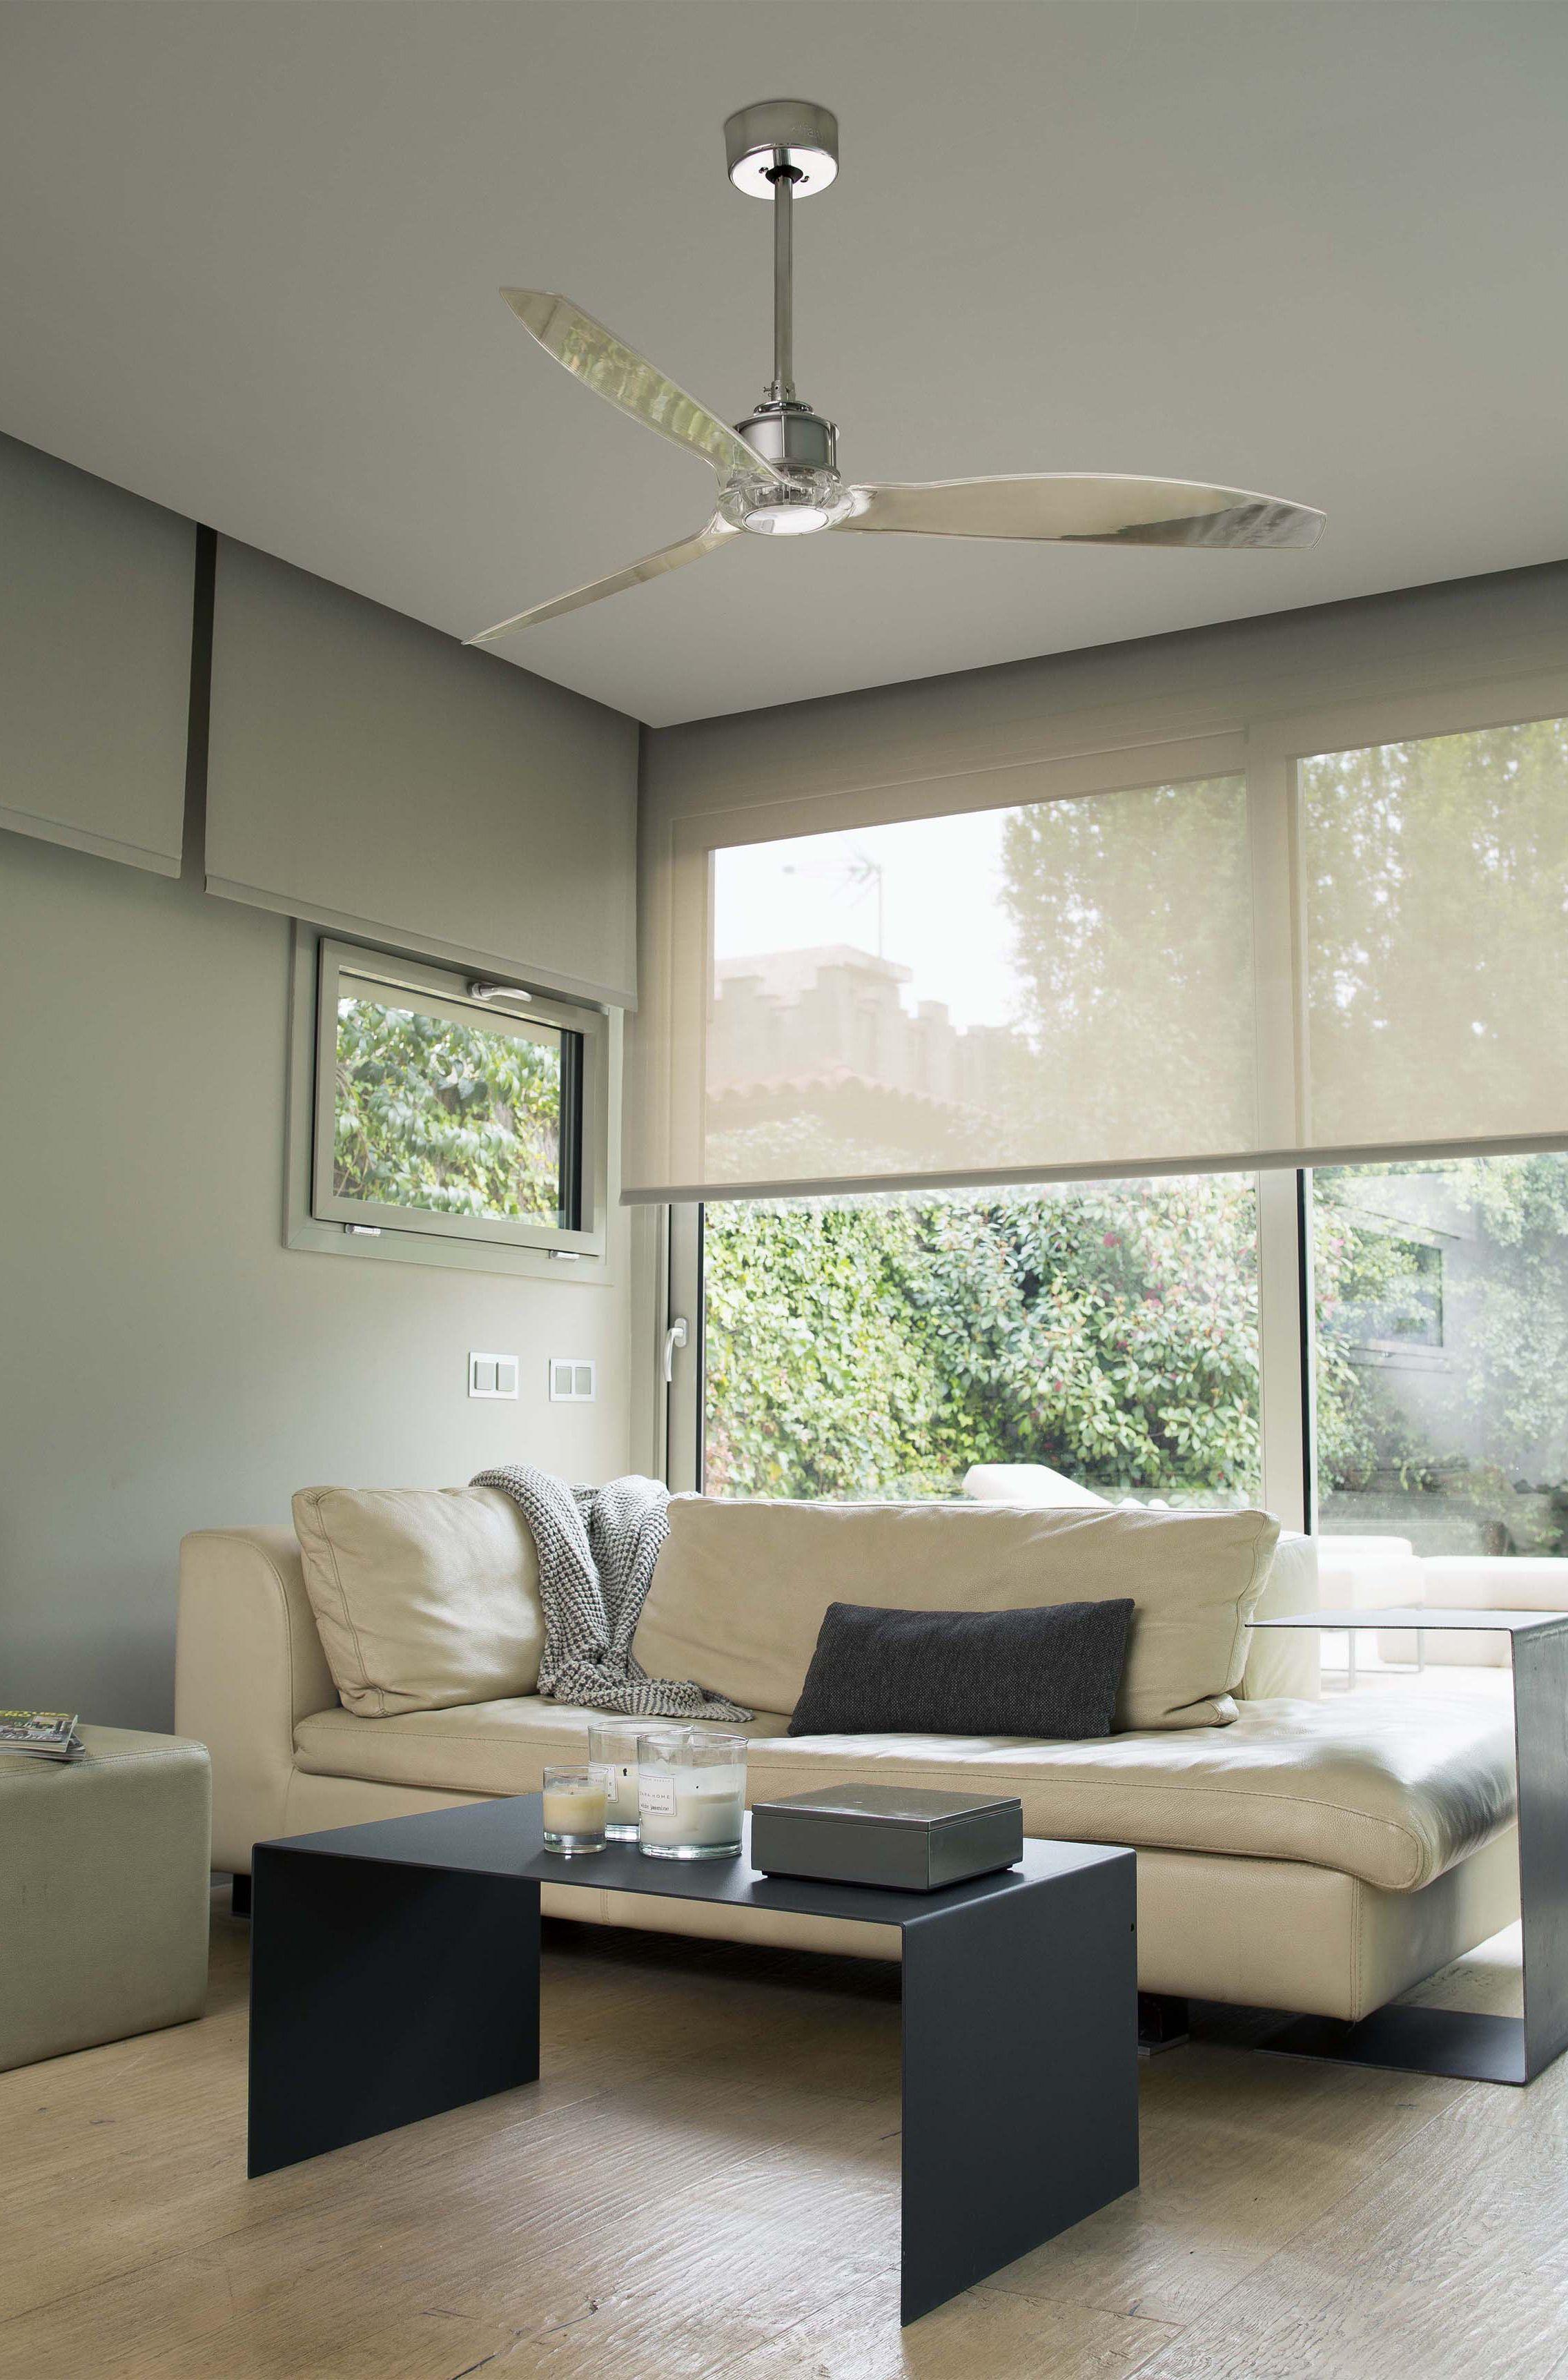 Faro JUST FAN Chrome ceiling fan with DC motor